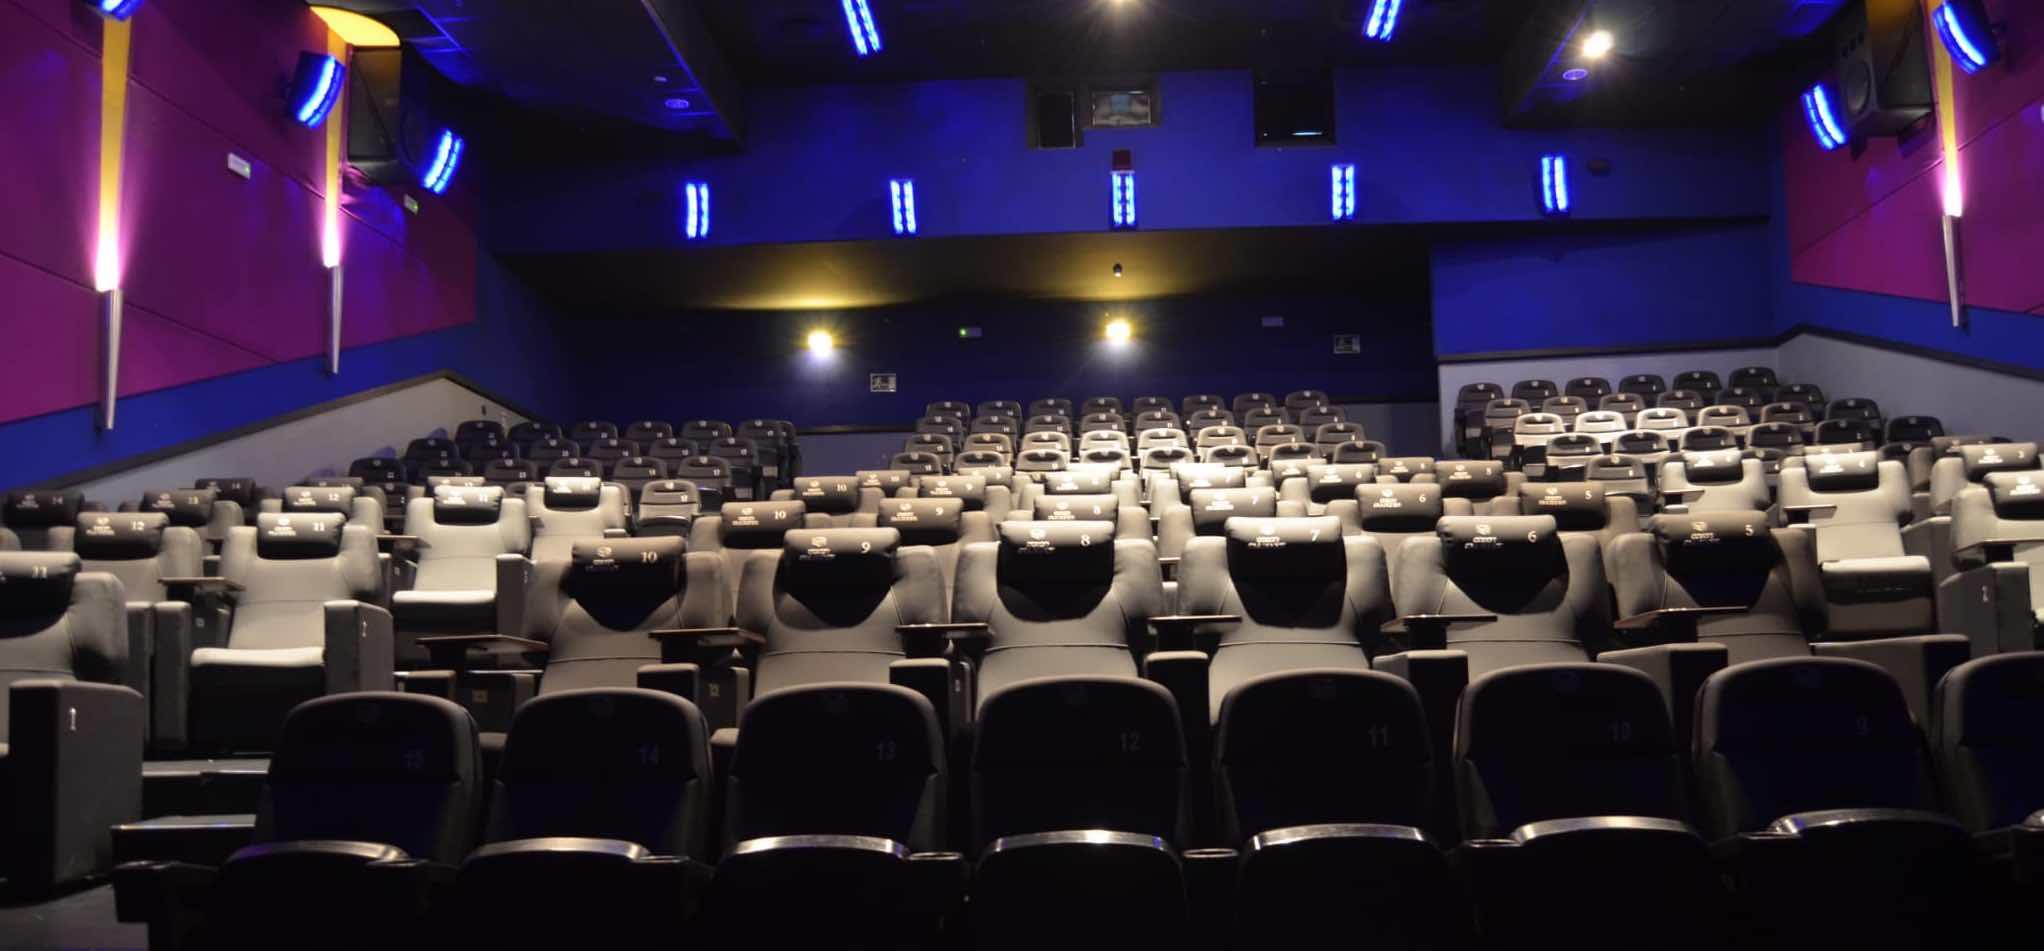 Andalucía-estrena-la-primera-sala-de-cine-con-tecnología-LED-en-Sevilla